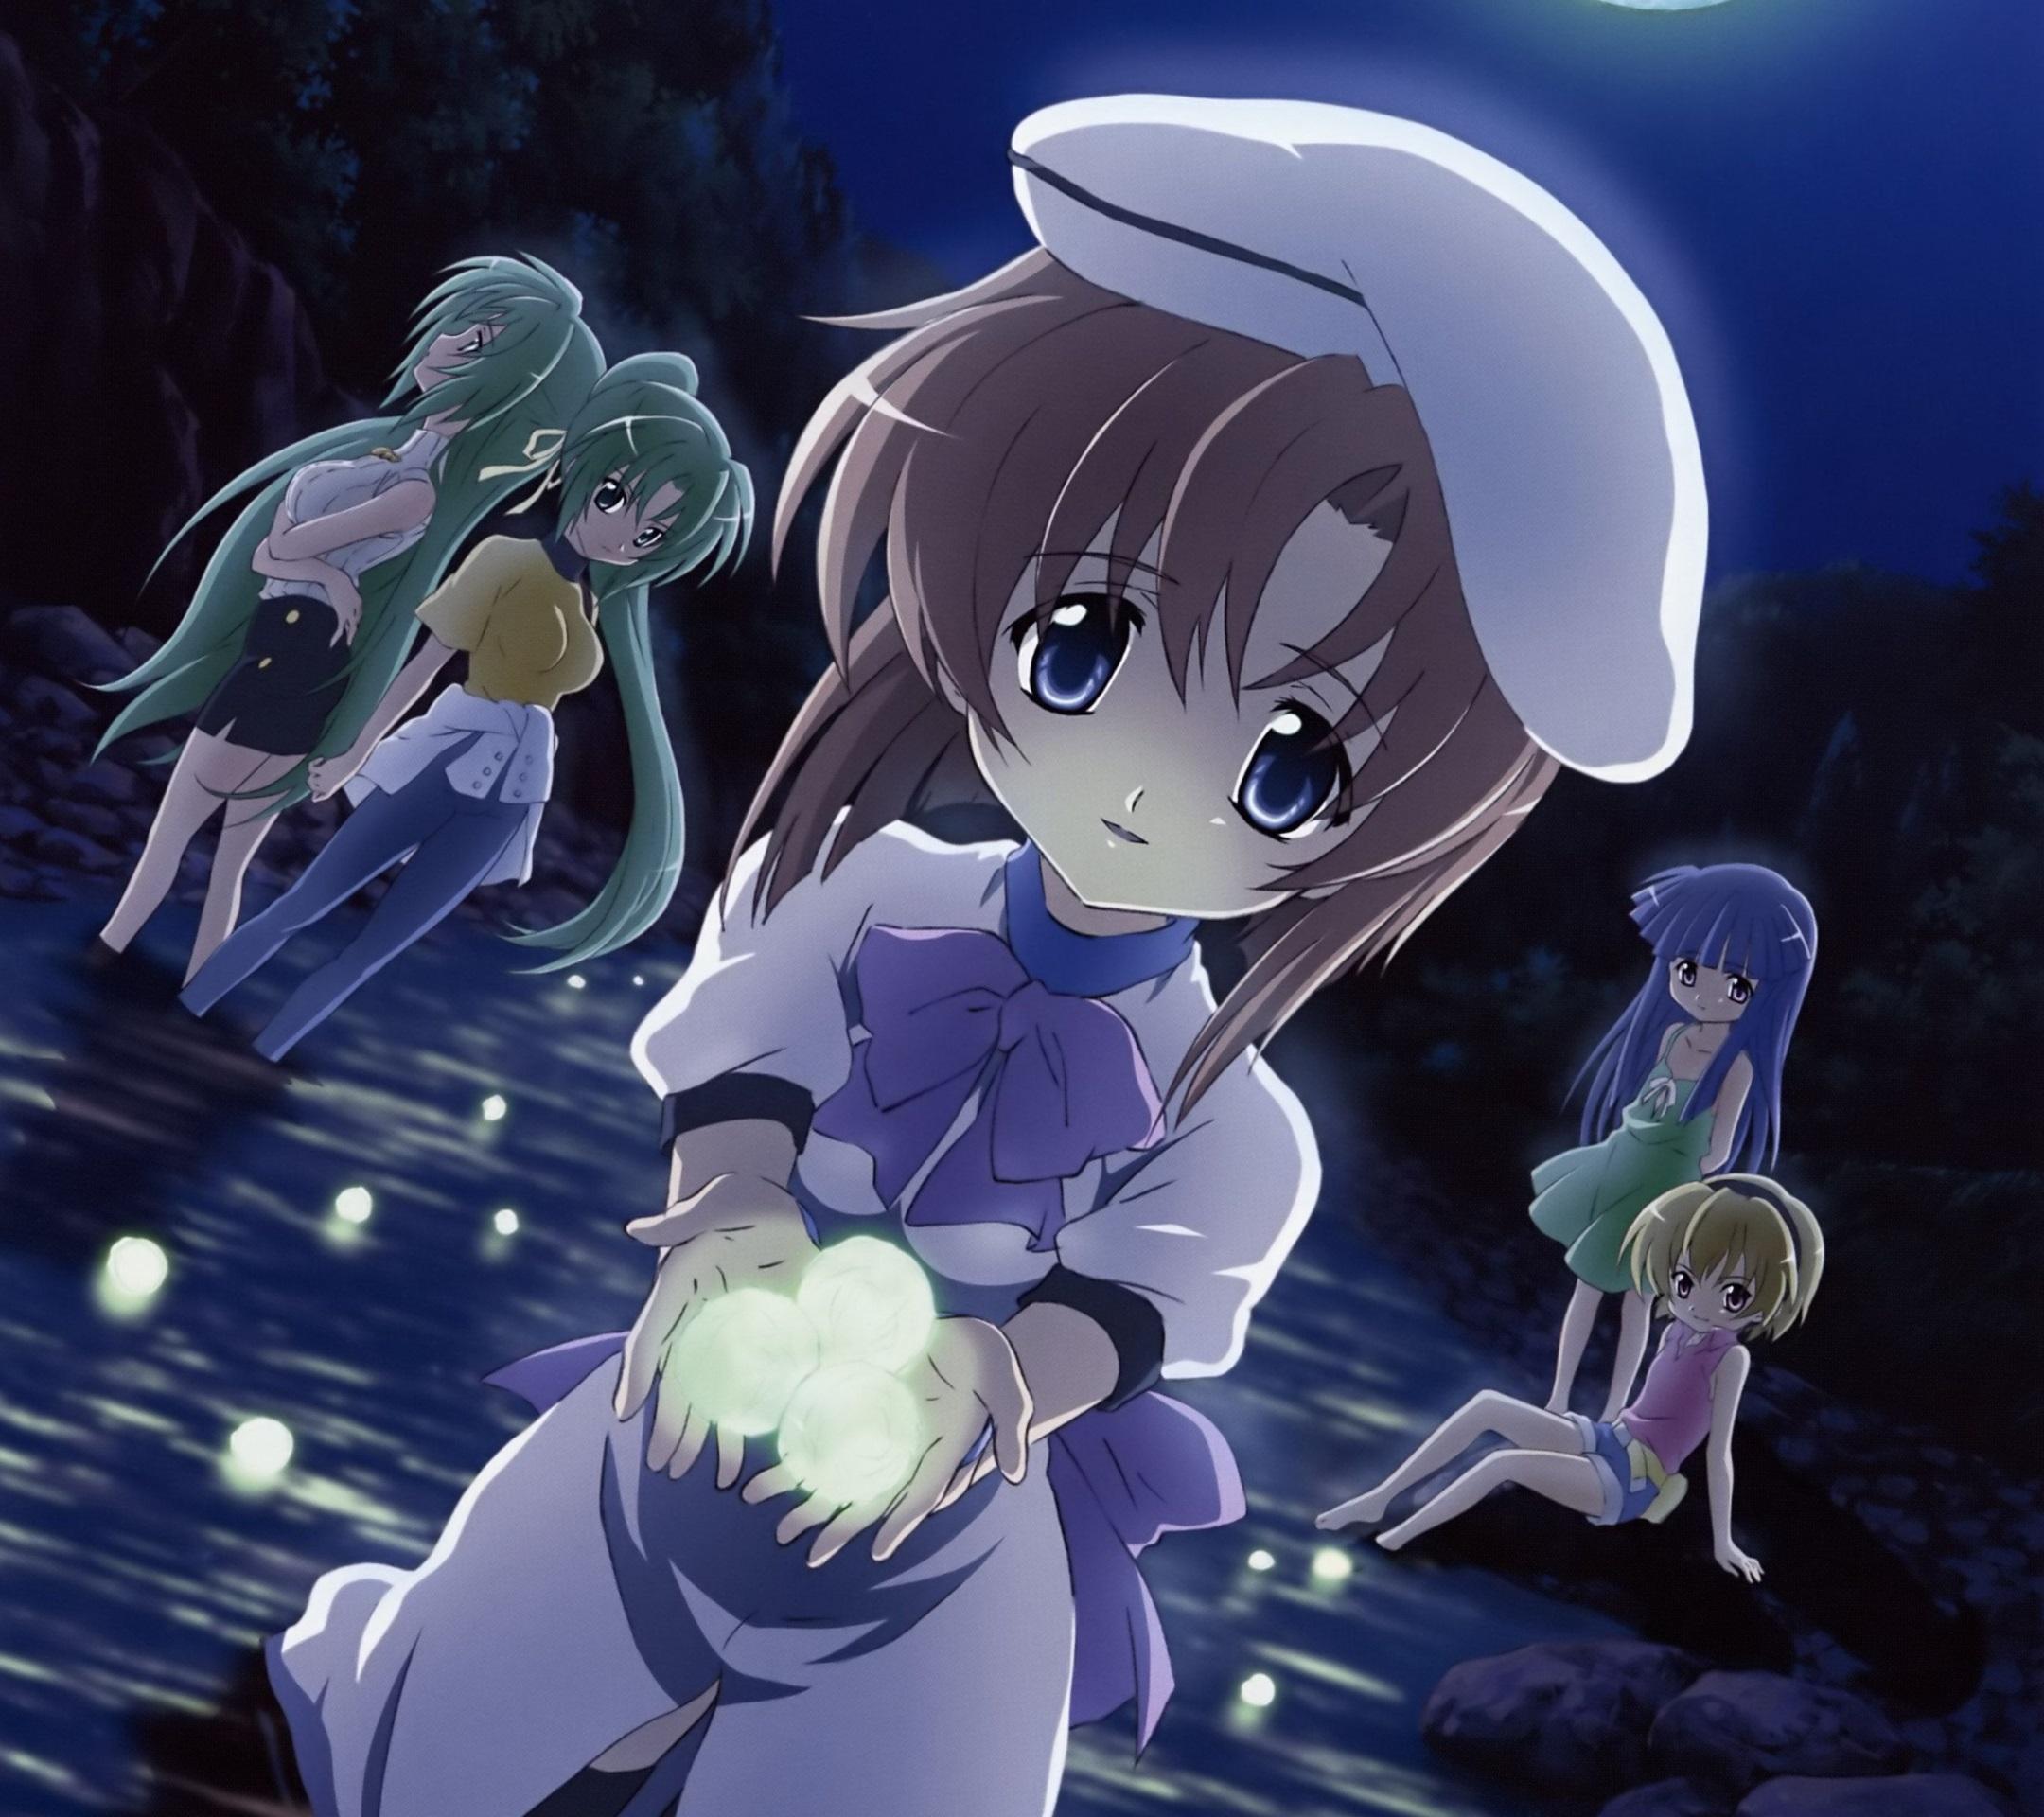 higurashi no naku koro ni android